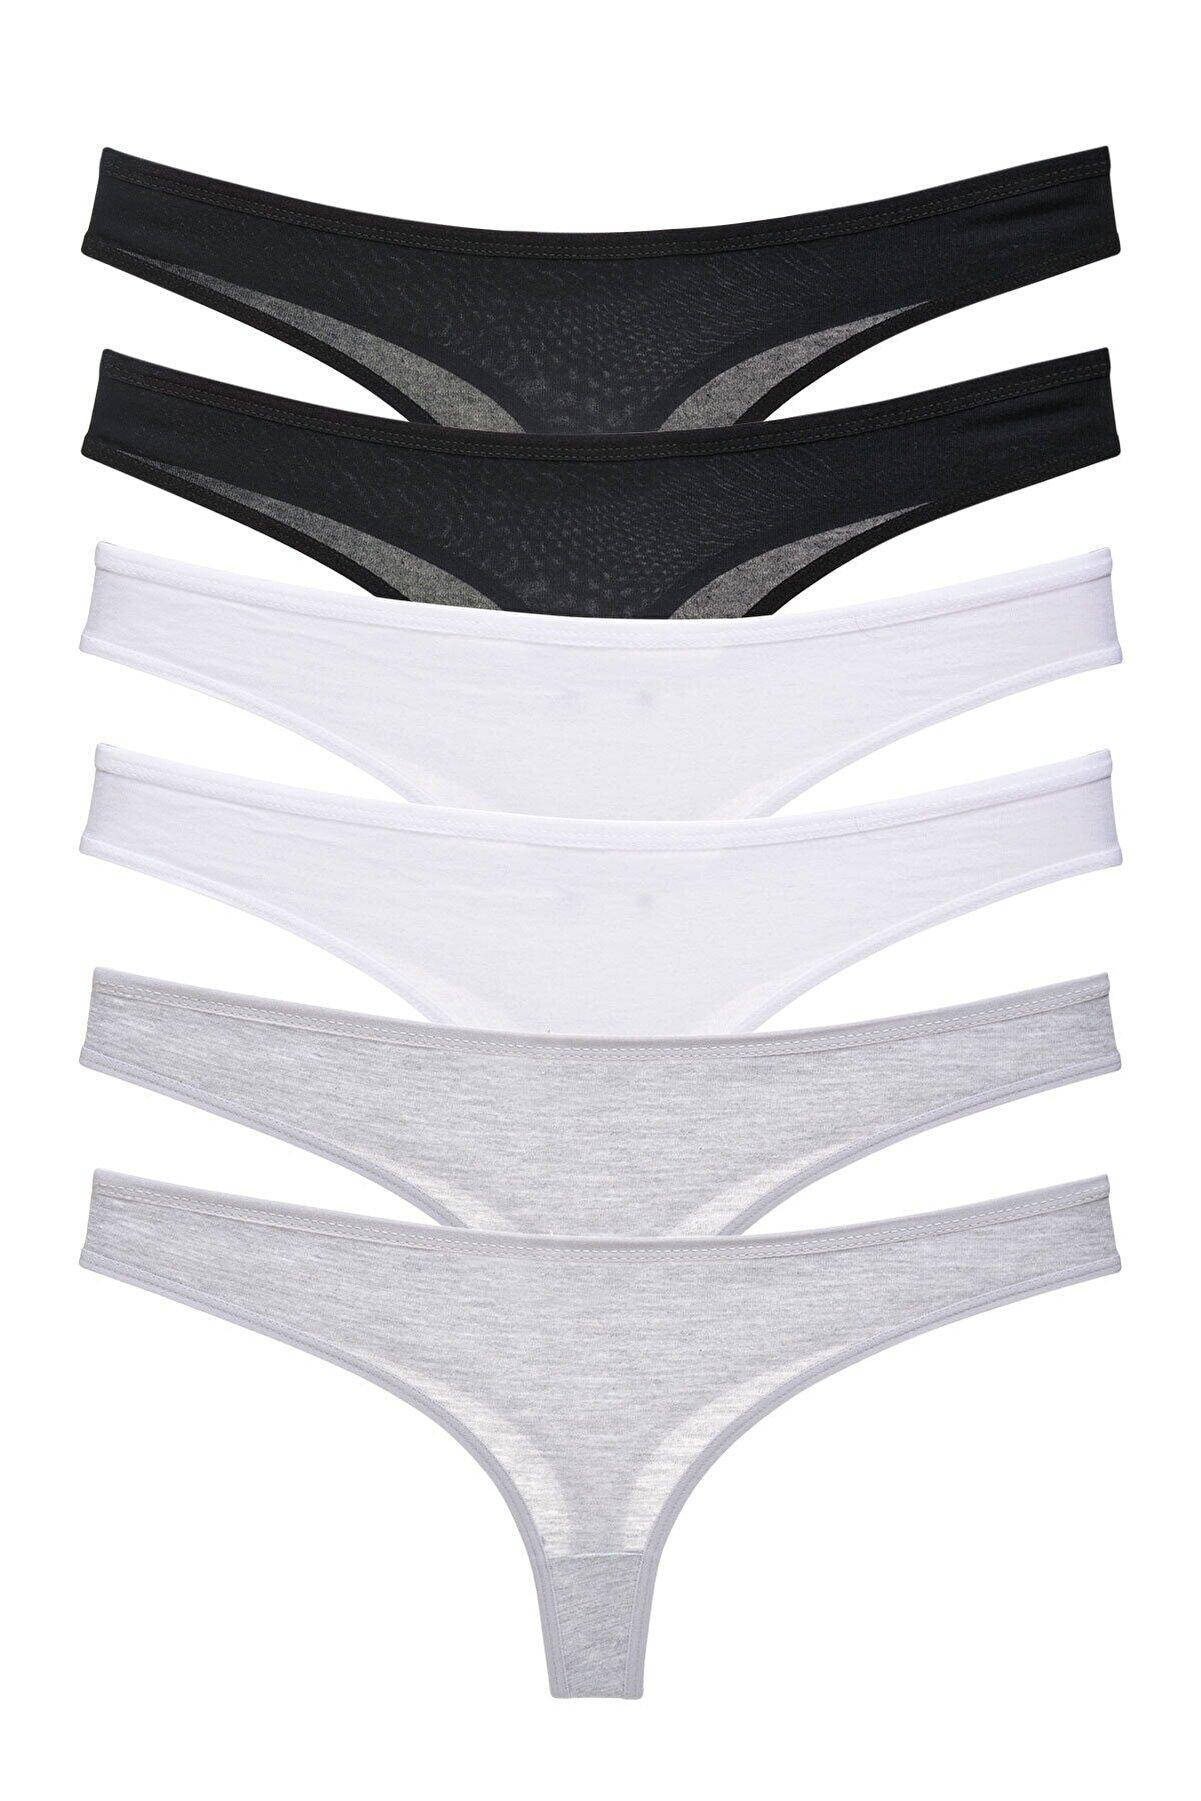 LadyMelex Kadın Siyah Beyaz Gri Klasik Tanga 6'lı Paket